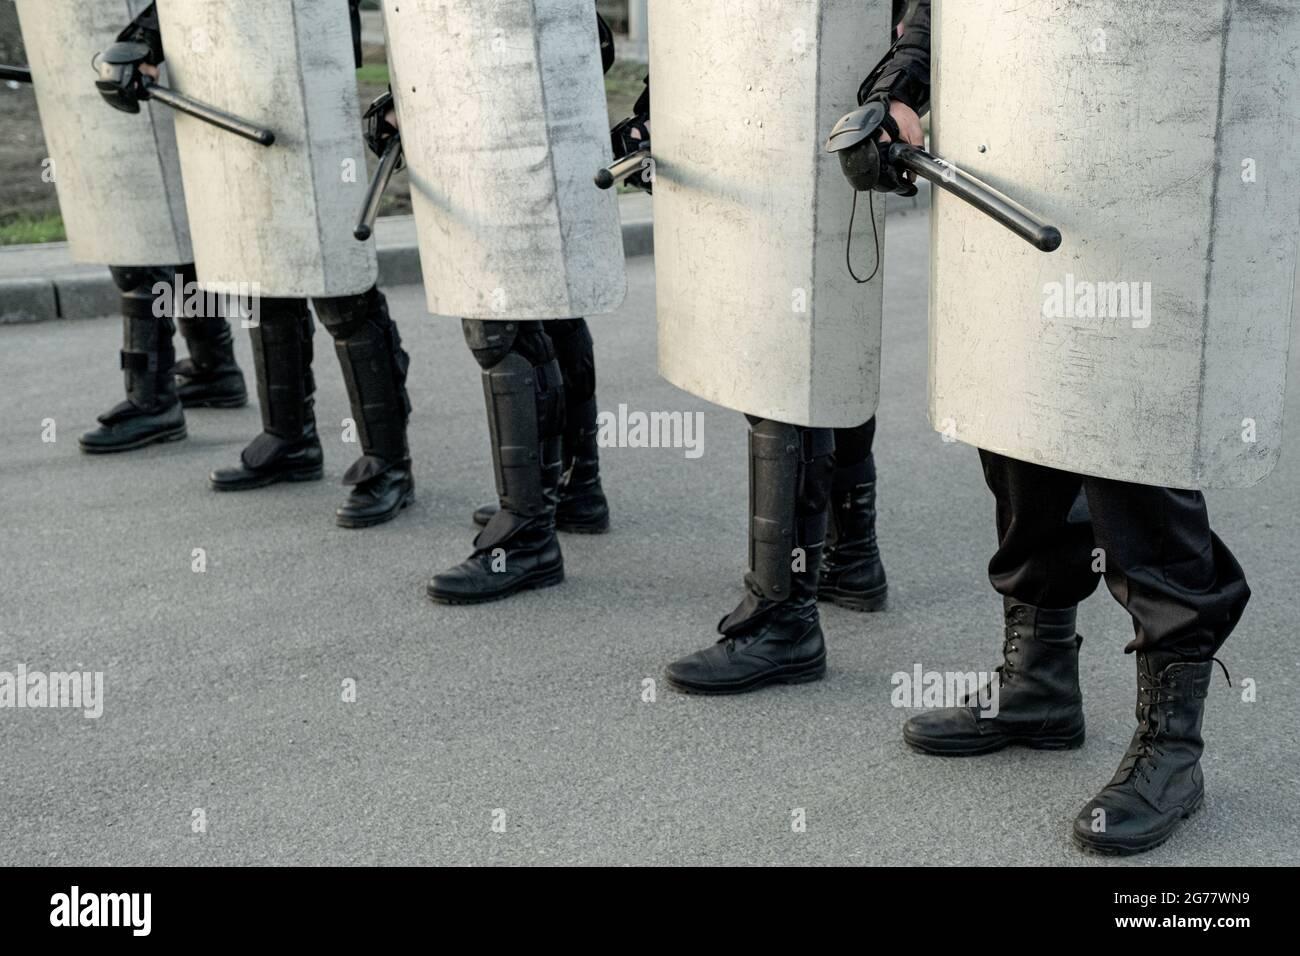 Groupe de forces de police se déplaçant avec des matraques dans la rue tout en effectuant une action coordonnée contre les manifestants Banque D'Images